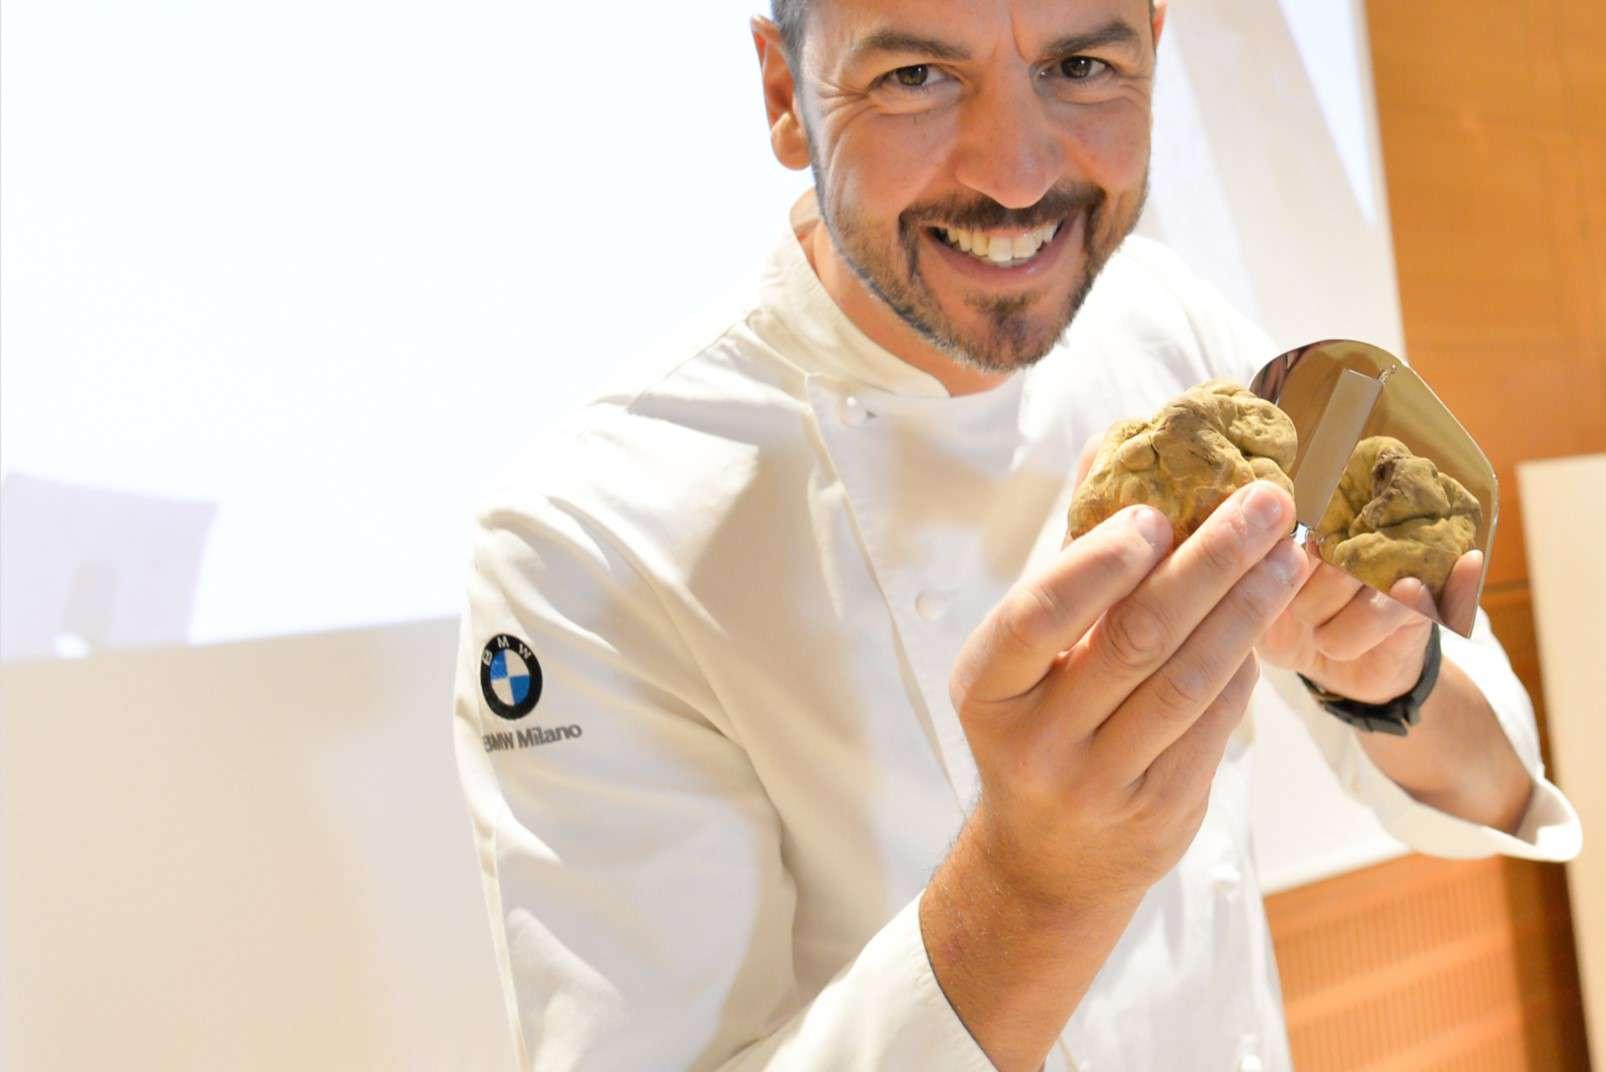 Fiera Internazionale del Tartufo Bianco d'Alba chef with truffle